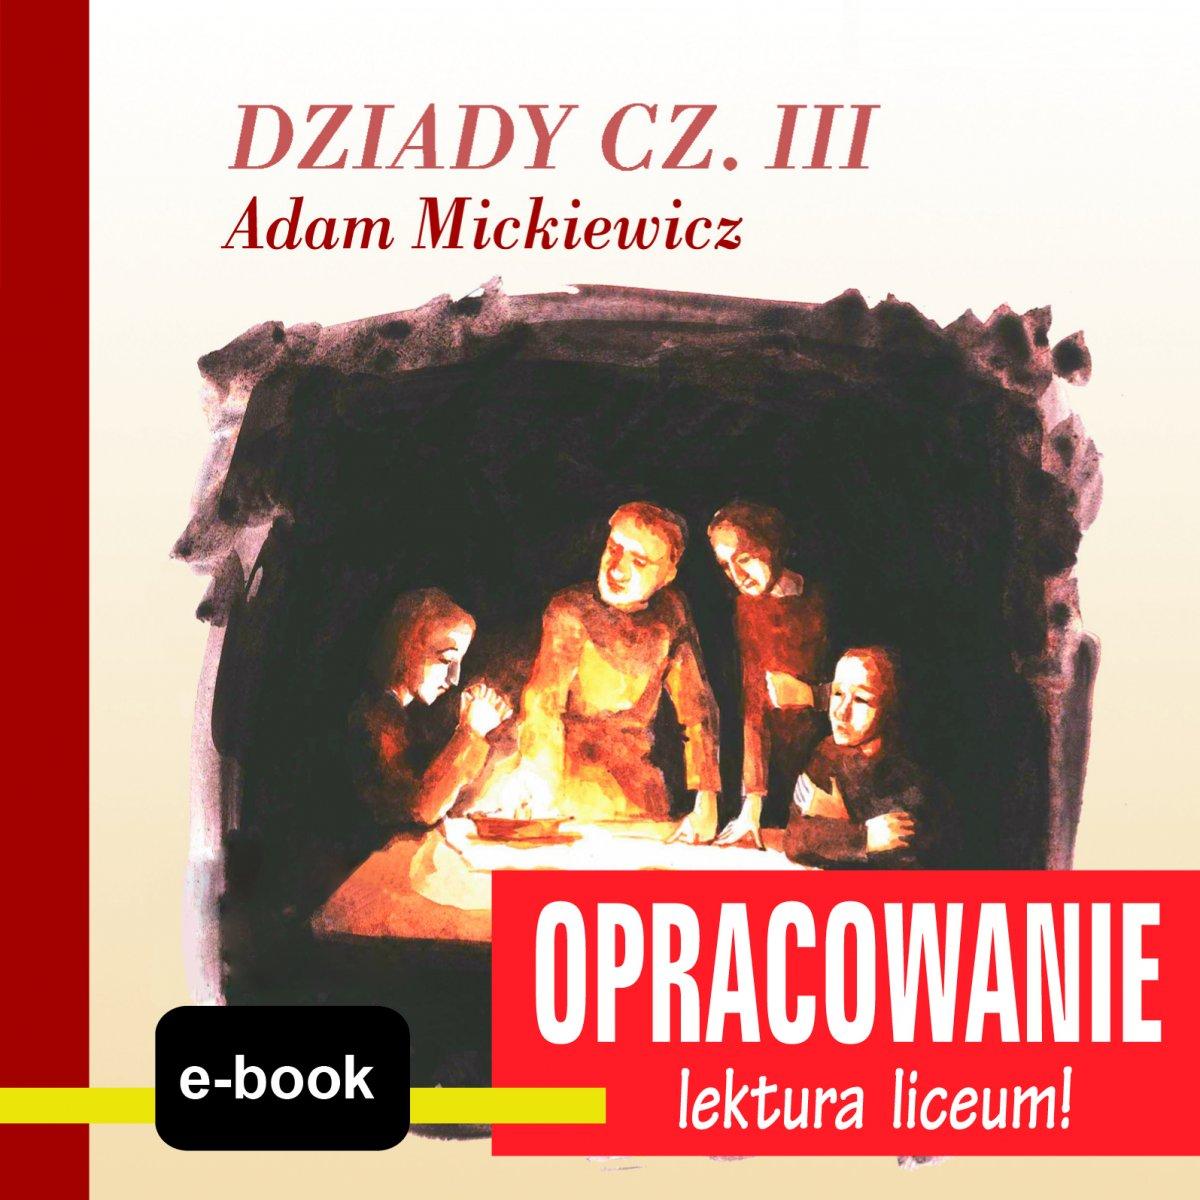 Dziady cz. III (Adam Mickiewicz) - opracowanie - Ebook (Książka EPUB) do pobrania w formacie EPUB